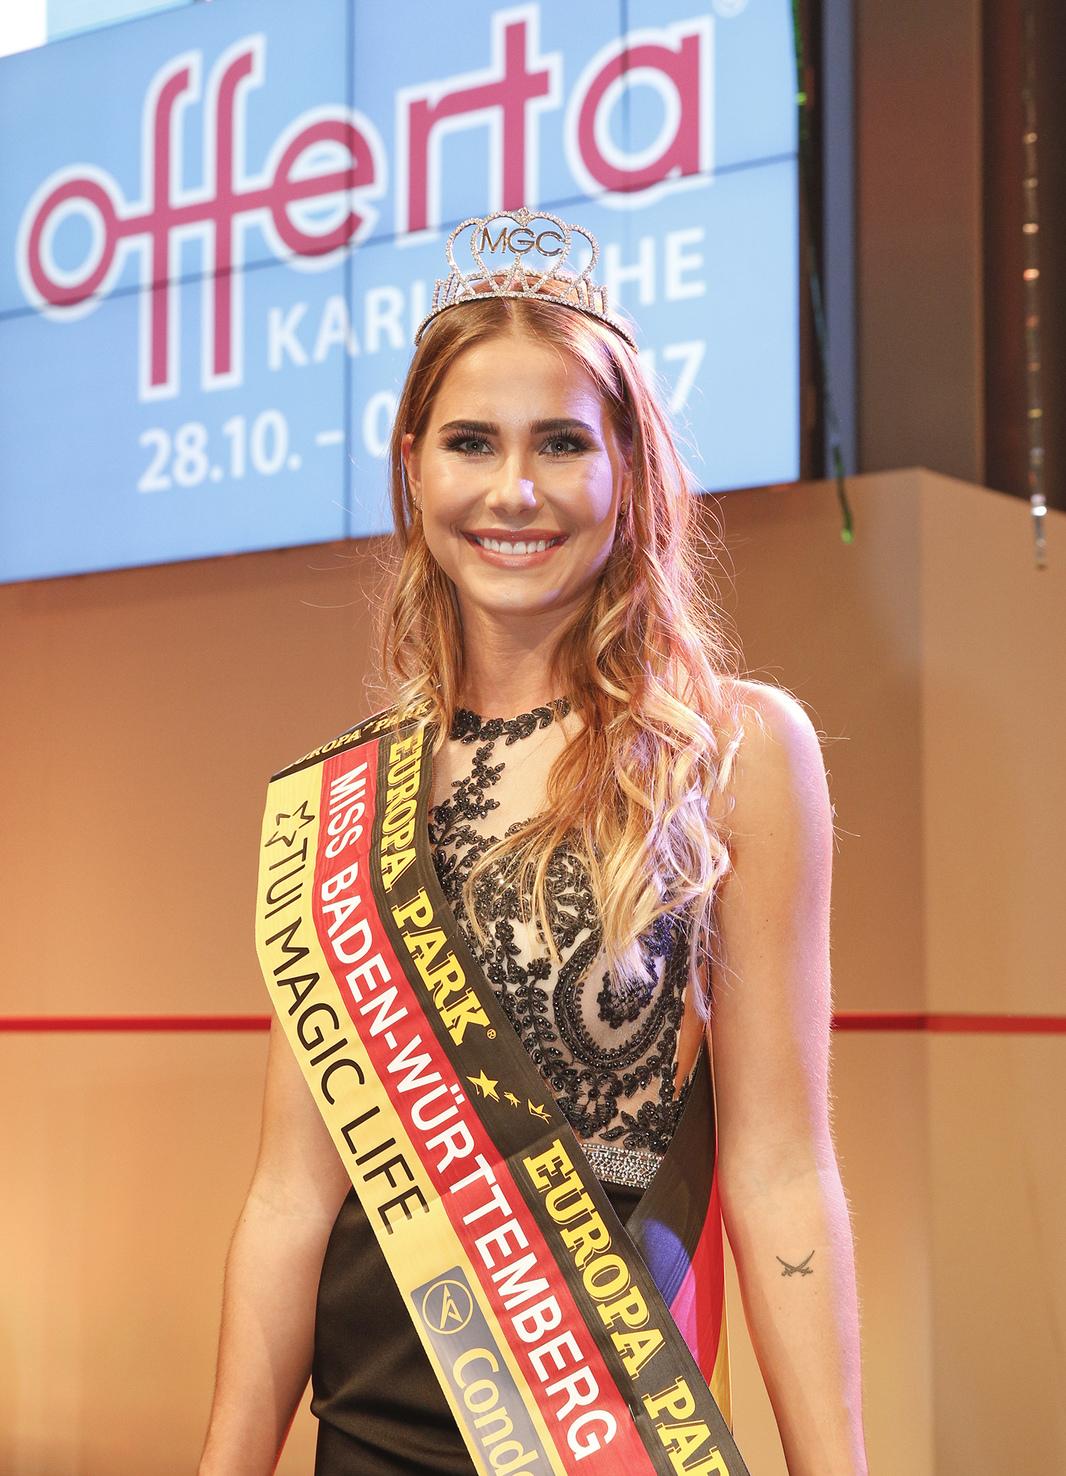 """Anahita Rehbein ist """"Miss Germany 2018"""" - Pfalz-Express"""